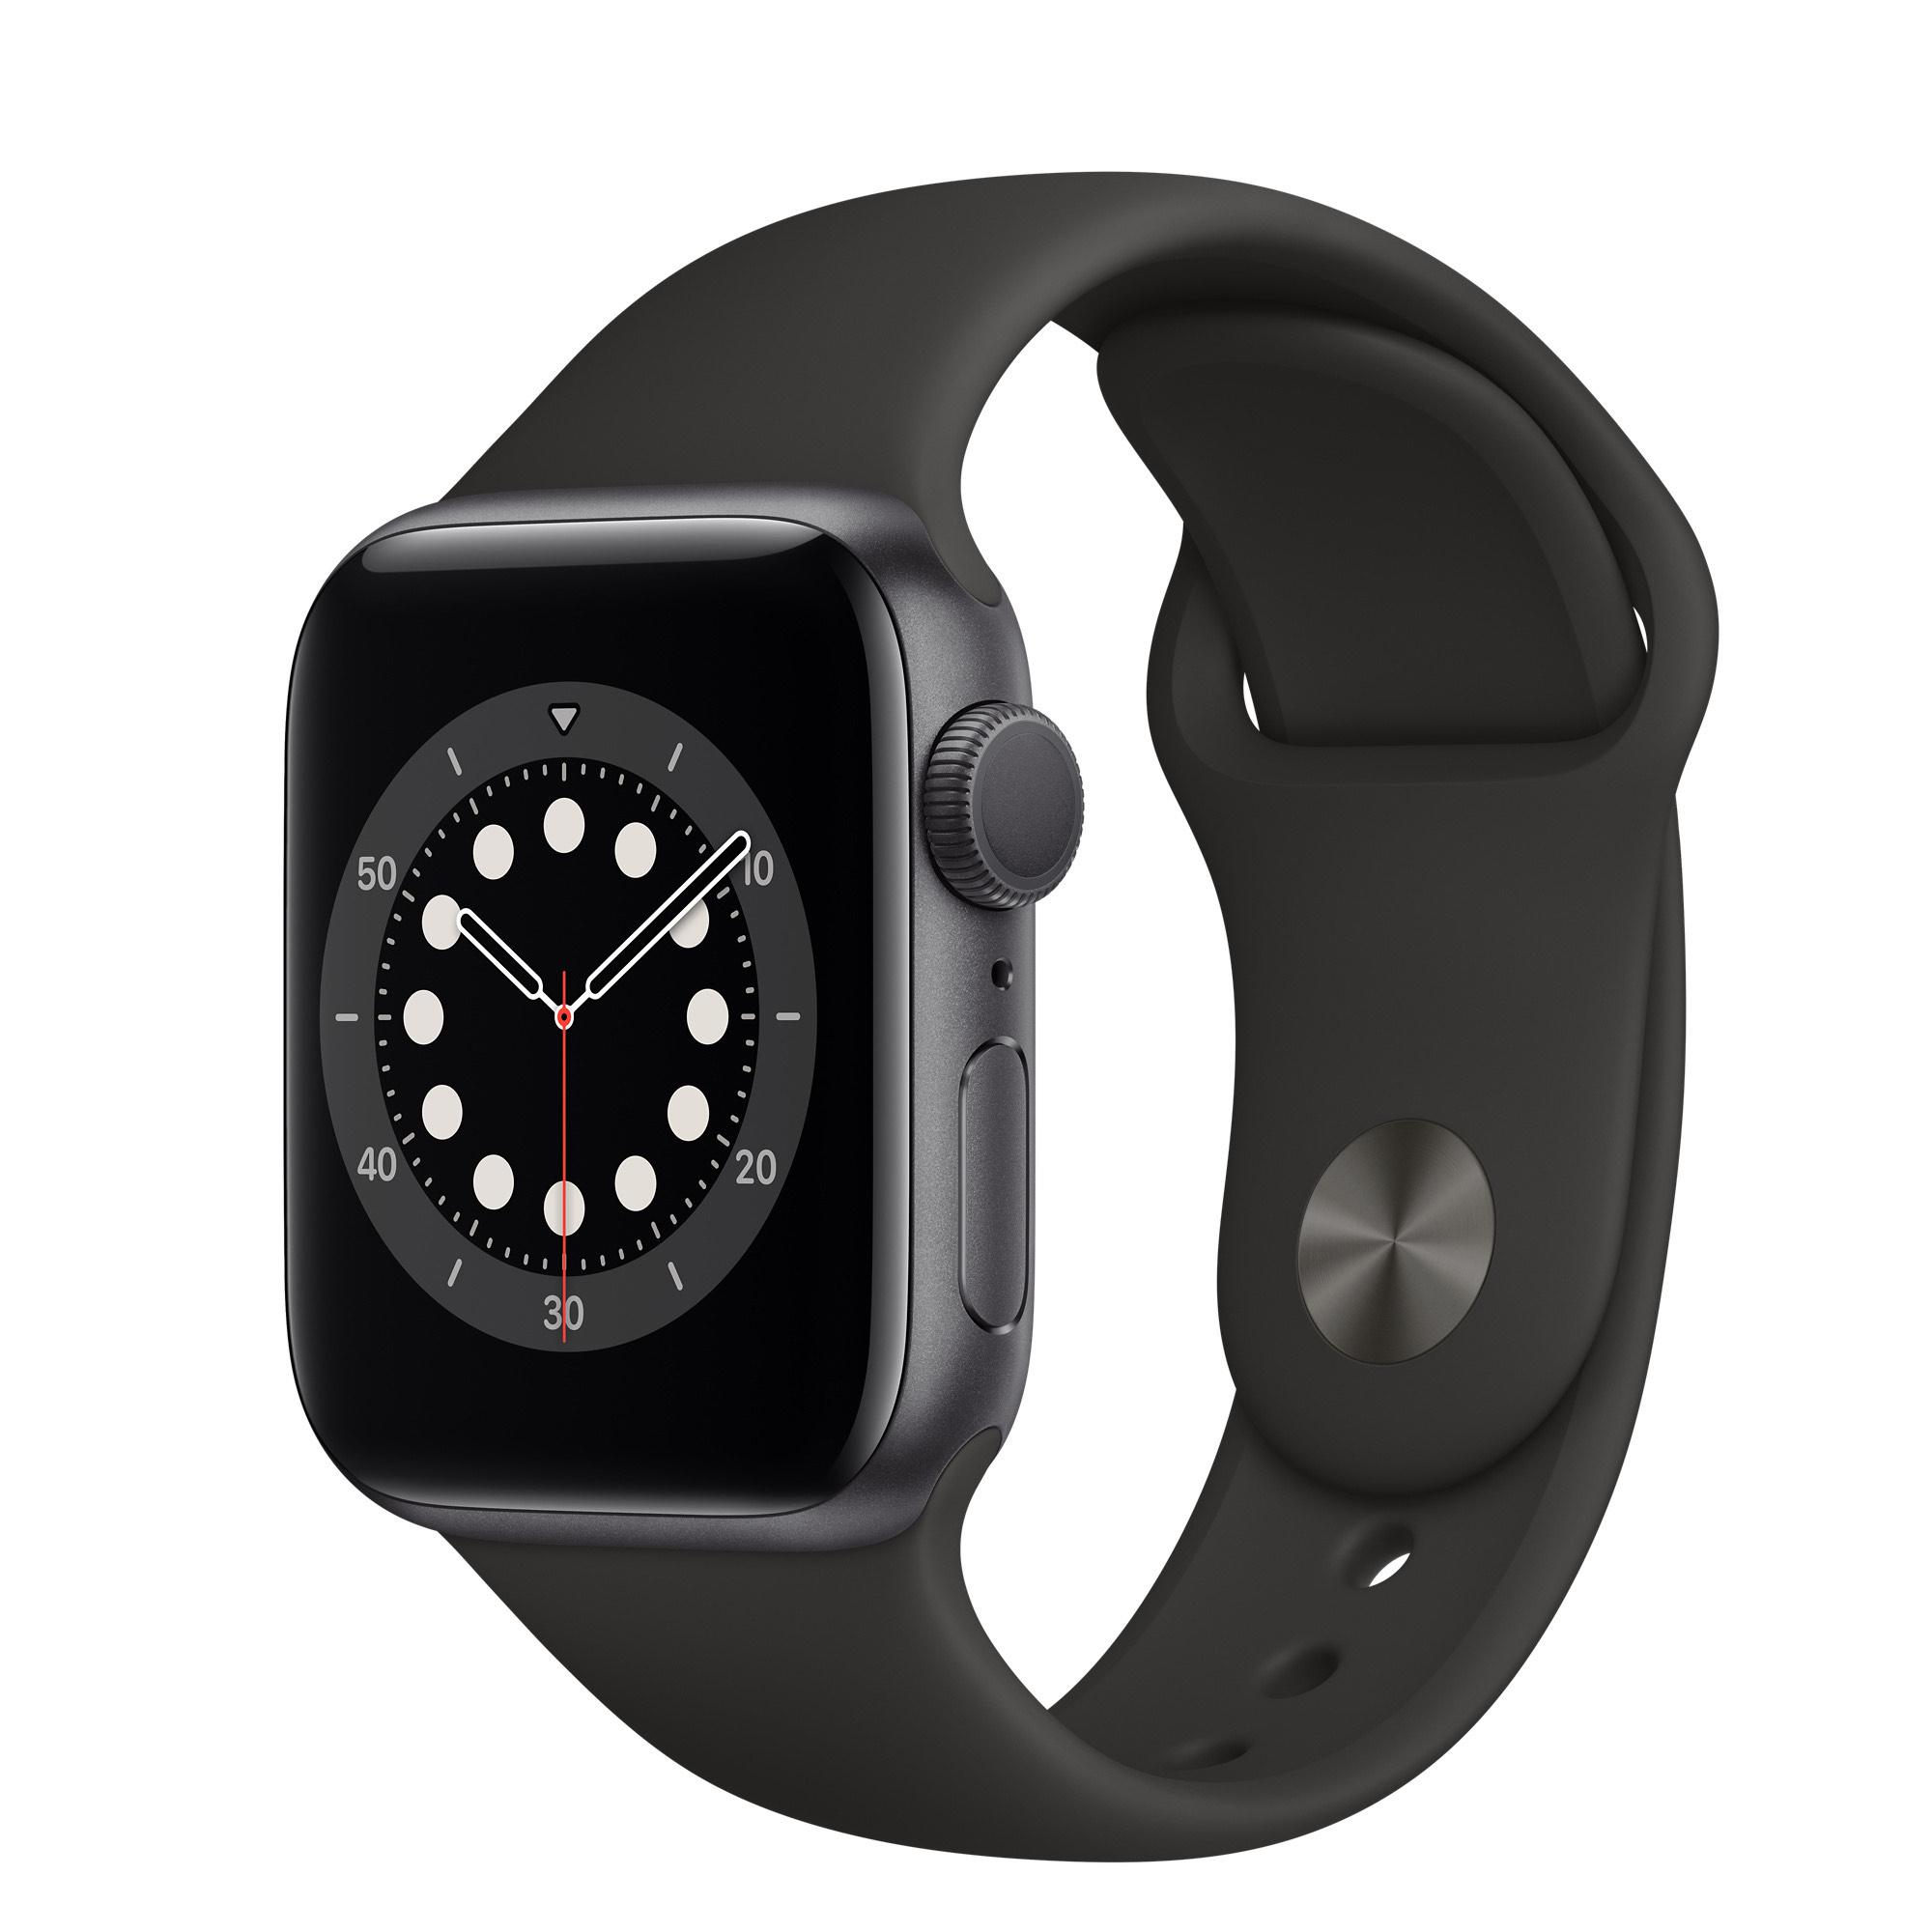 Montre connectée Apple Watch Series 6 (40mm - GPS - Space Grey et Gold/Sandrosa)